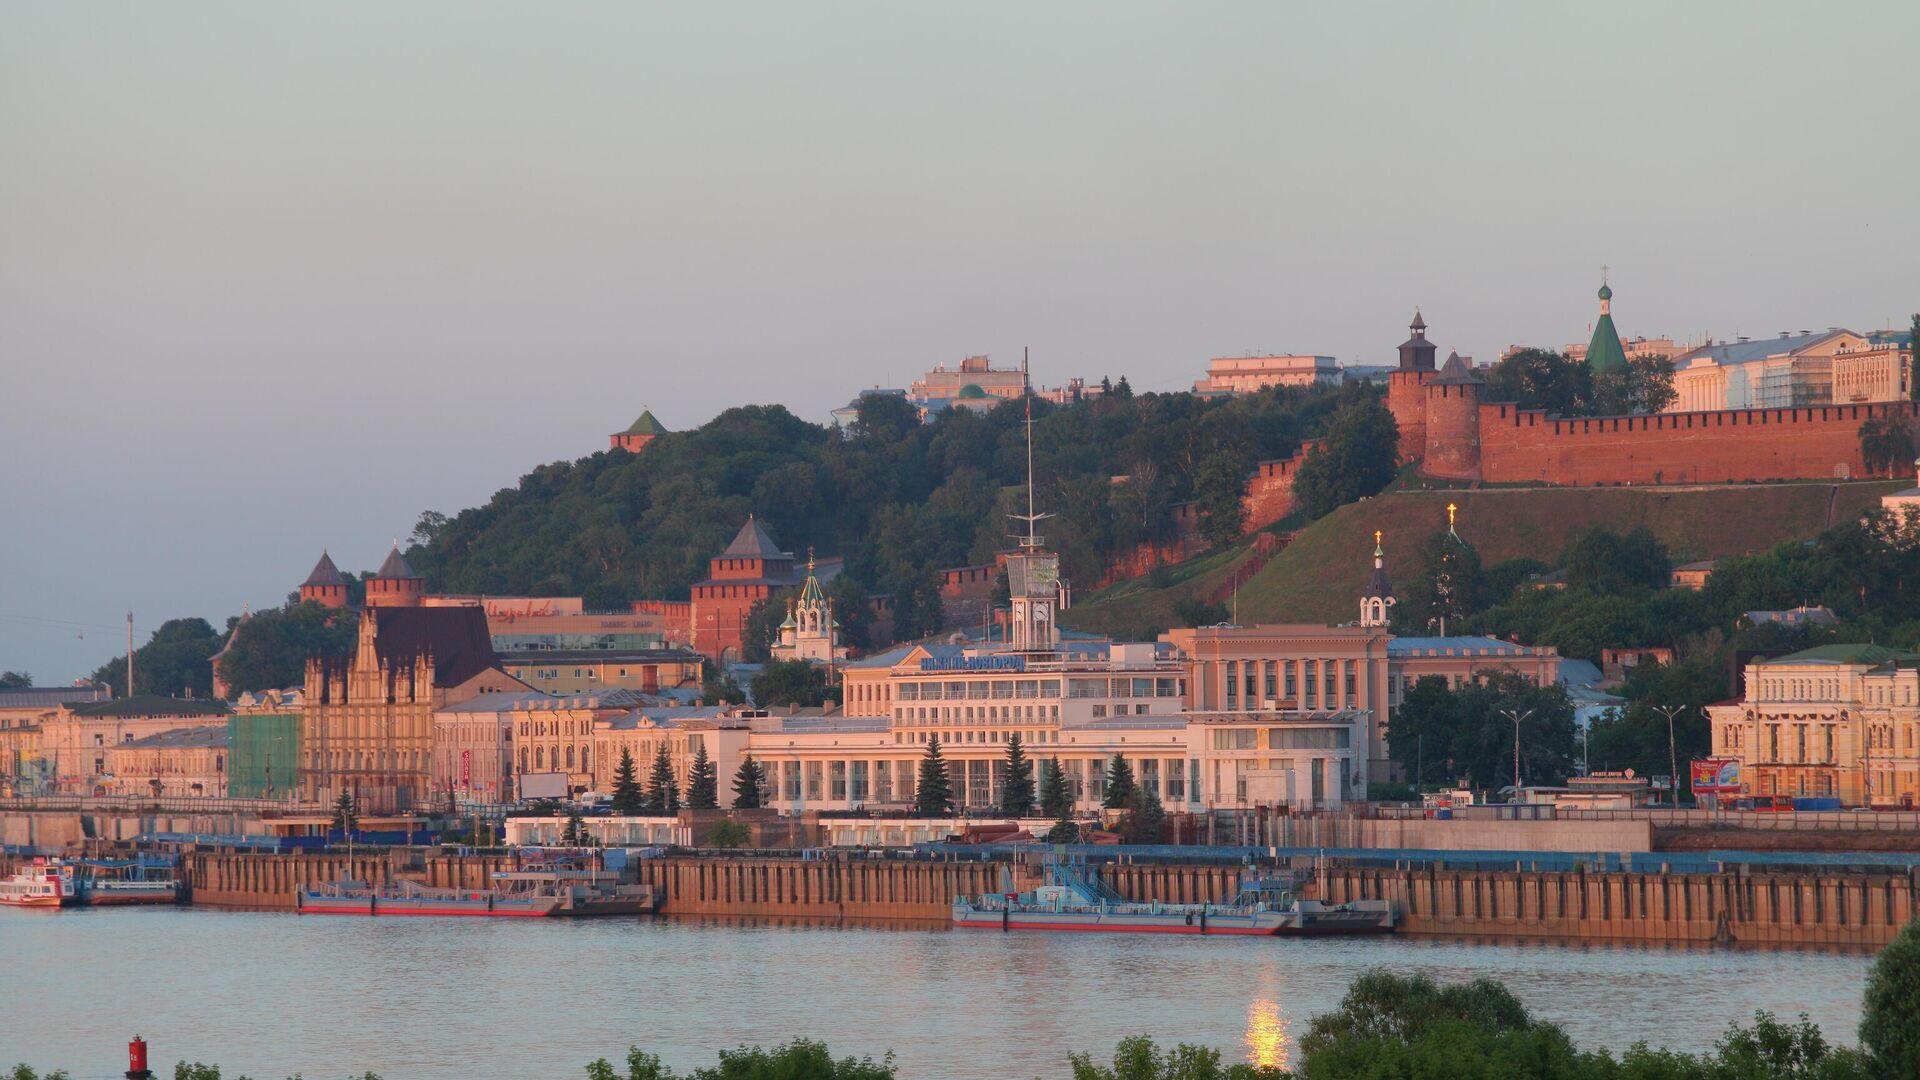 Вид на Речной вокзал и Нижегородский кремль в Нижнем Новгороде - РИА Новости, 1920, 13.07.2021